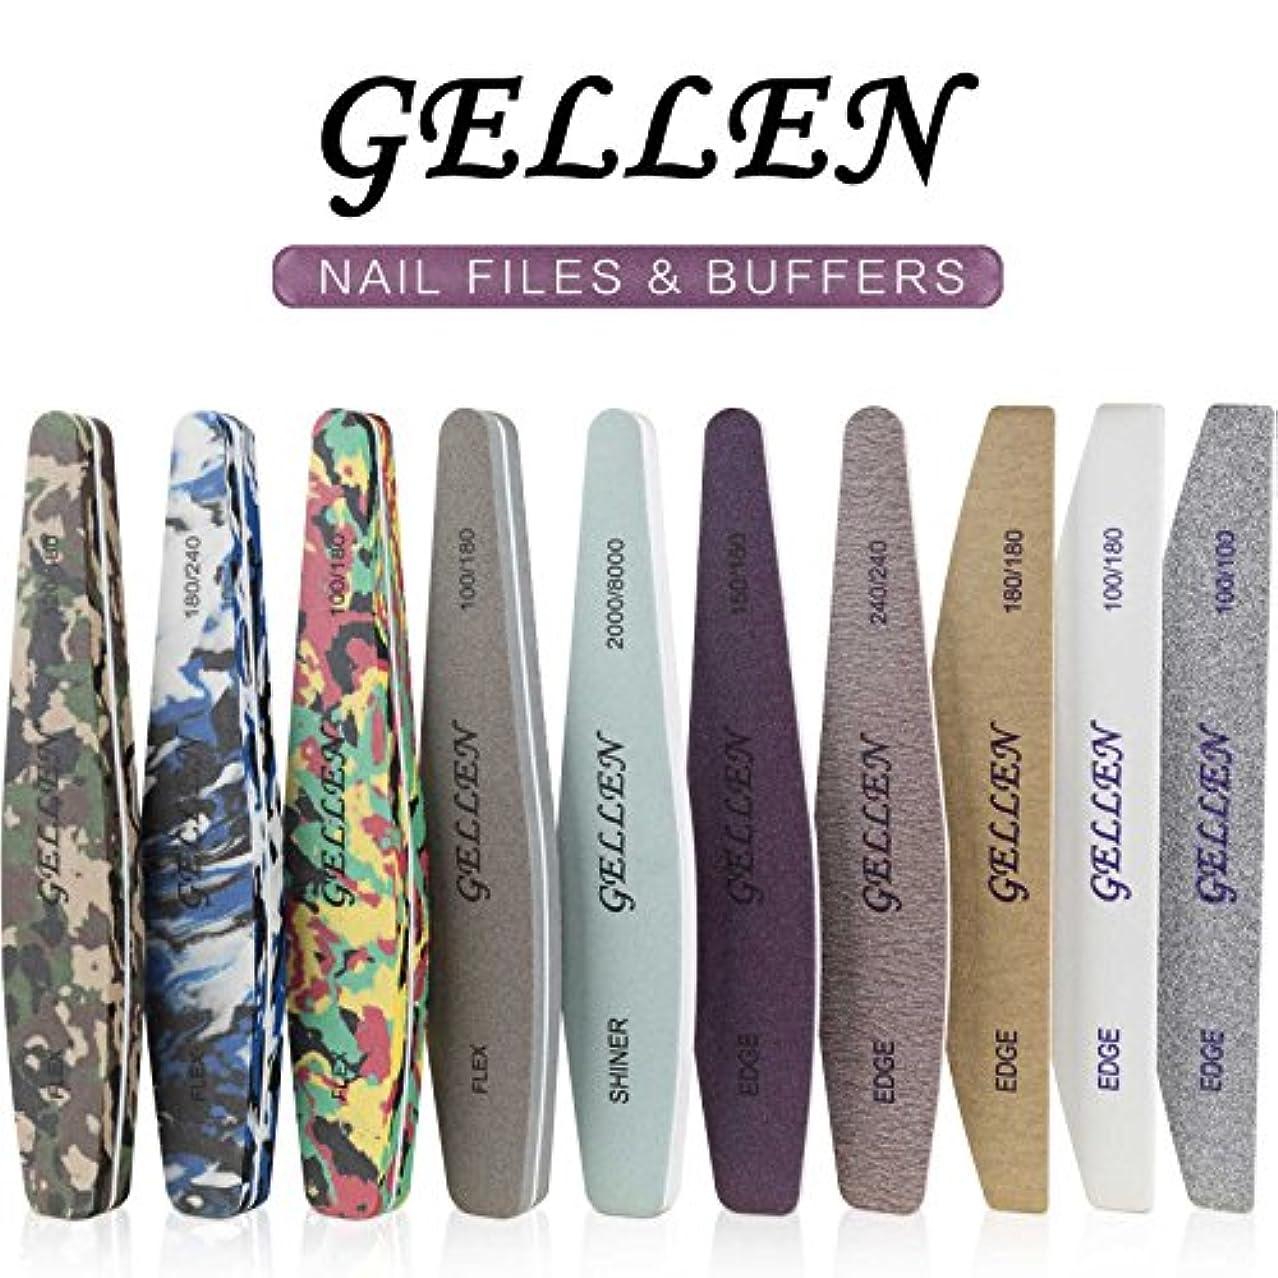 学者結果として配管Gellen 爪やすり 爪磨き ネイルケアセット ネイルファイル ネイルバッファー エメリーボード8種類計10本セット